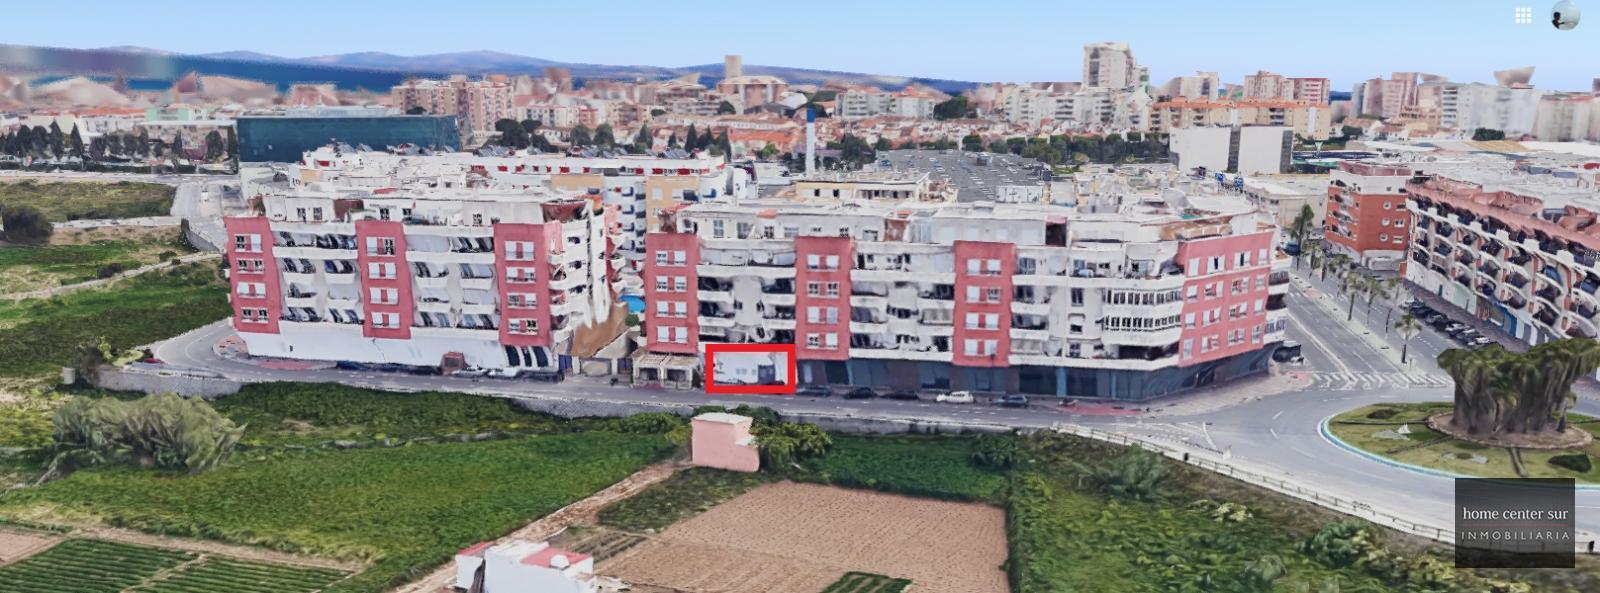 Local en alquiler en undefined unde (Mijas Costa), 825 €/mes